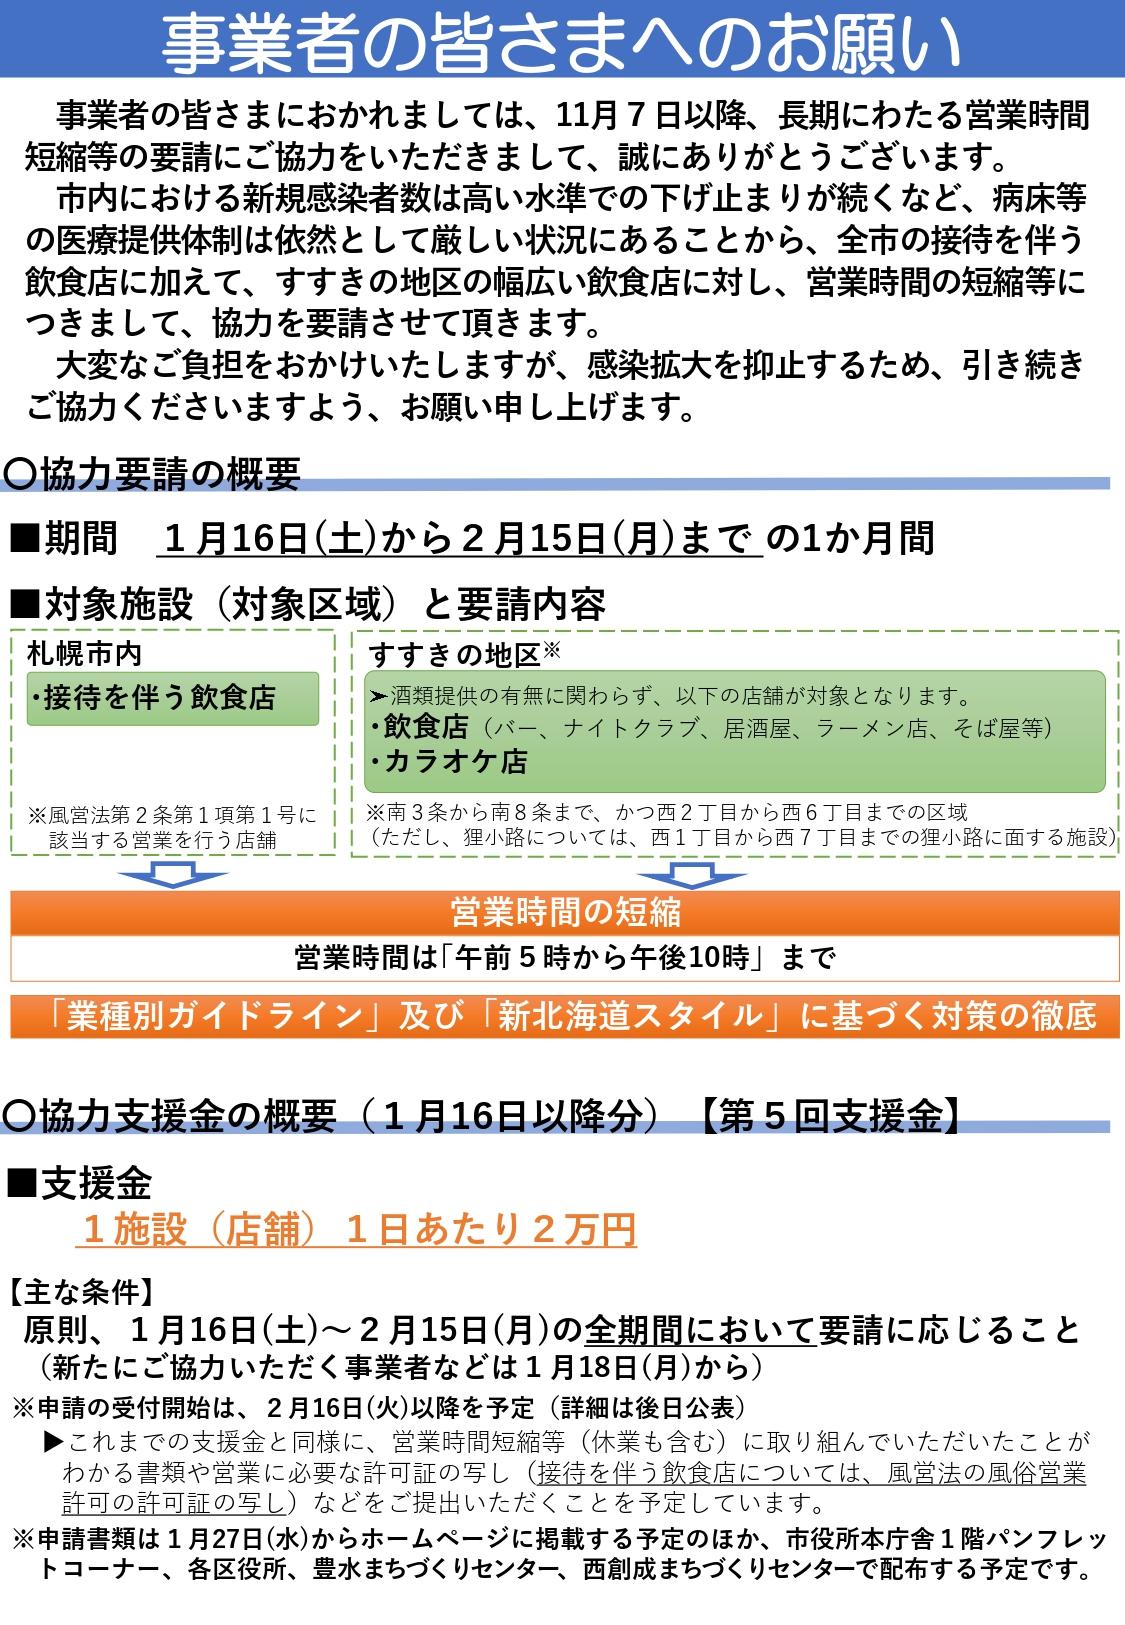 コロナ どこ 北海道 ウイルス 感染 者